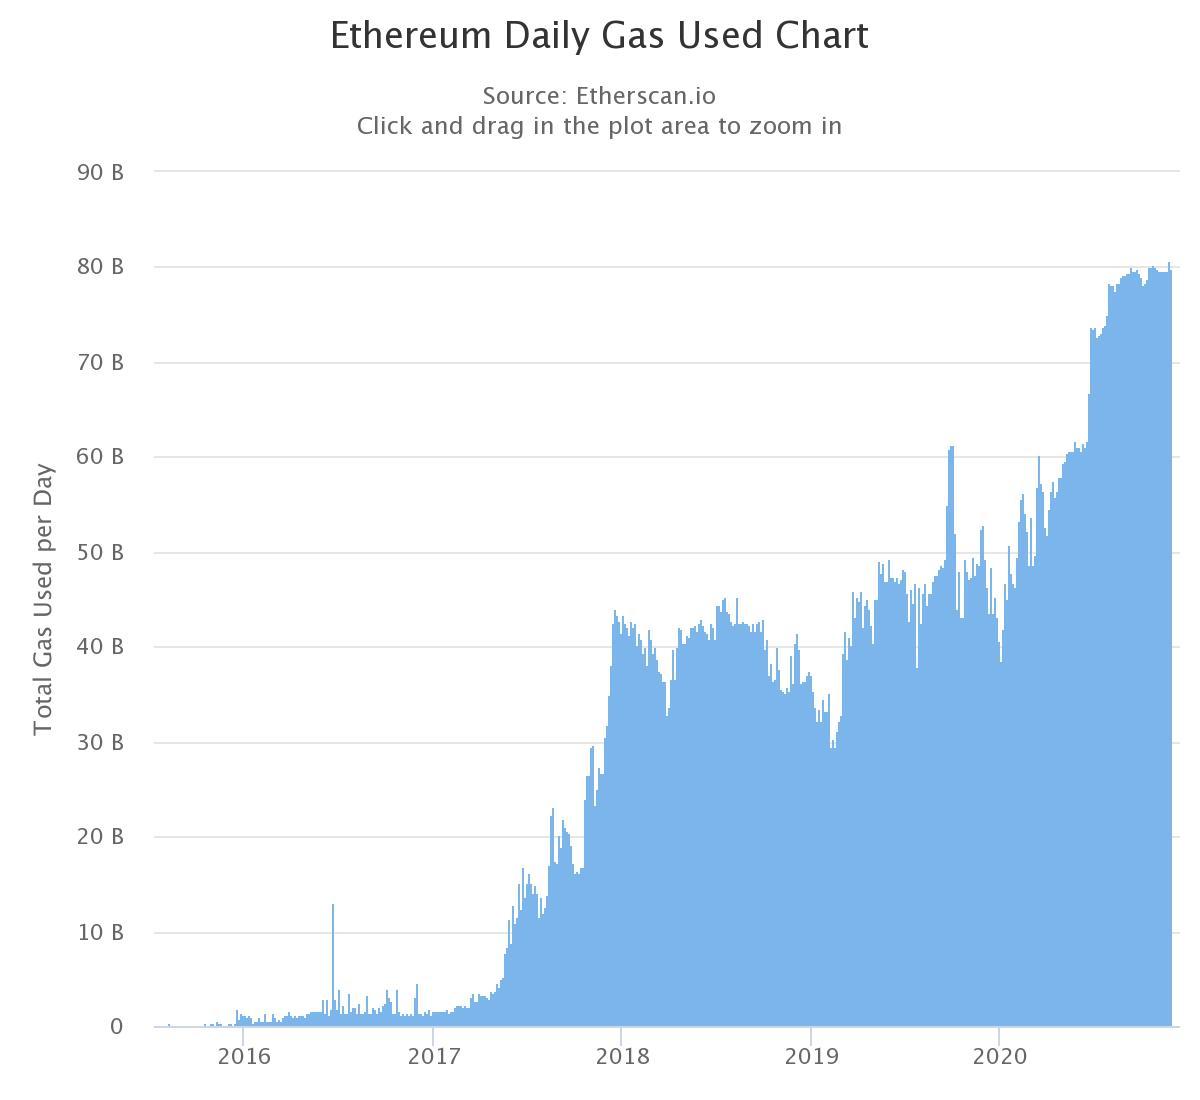 میزان استفاده از سوخت اریوم